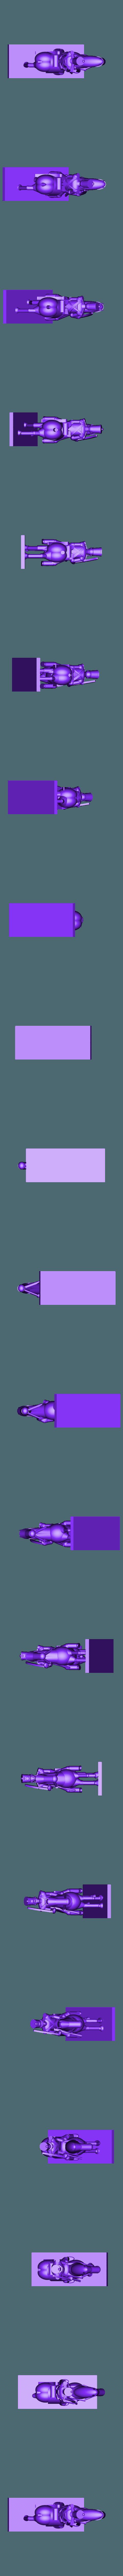 dragoon1_2.stl Télécharger fichier STL gratuit Napoléonien - Partie 4 - Cavalerie Britannique • Modèle pour impression 3D, Earsling